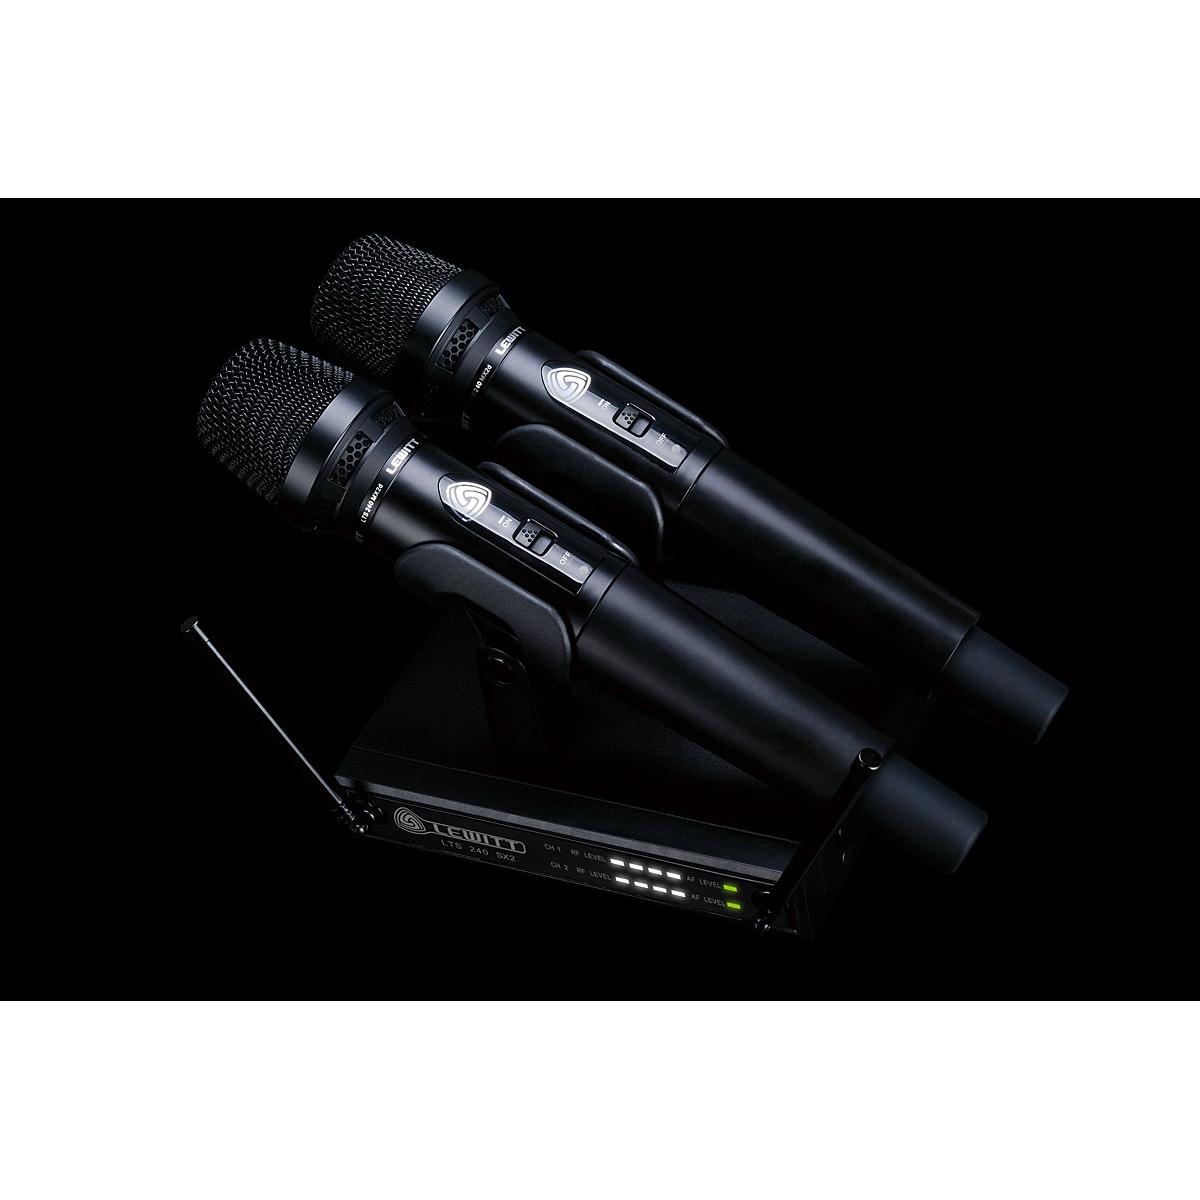 Lewitt LTS 240 Dual D Trådlös dynamisk mikrofon